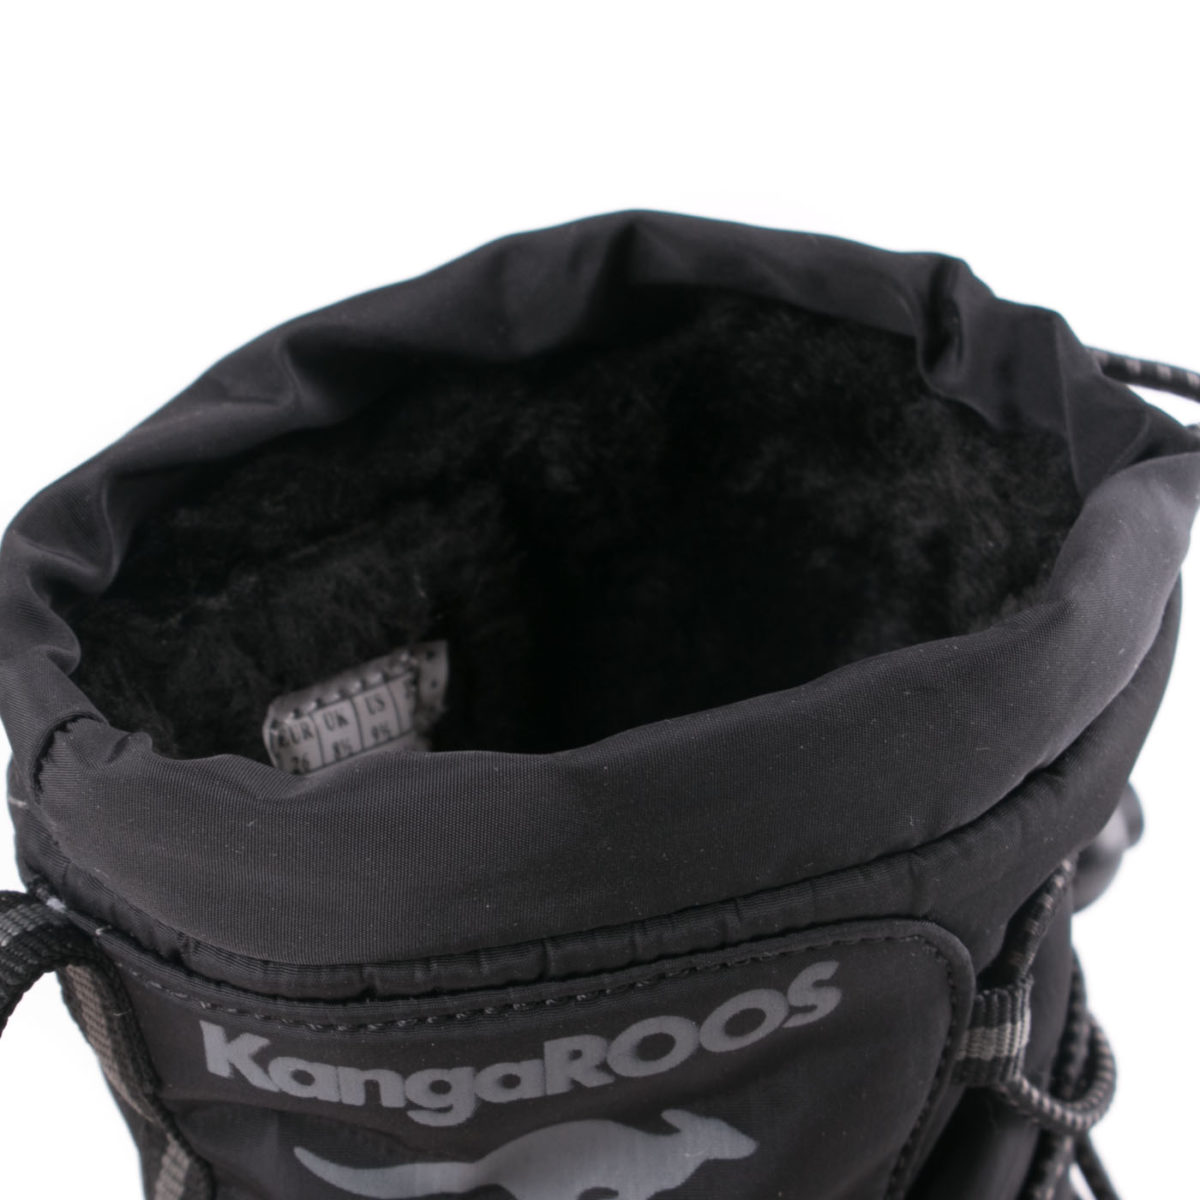 KangaROOS zimowe śniegowce Grey z membraną